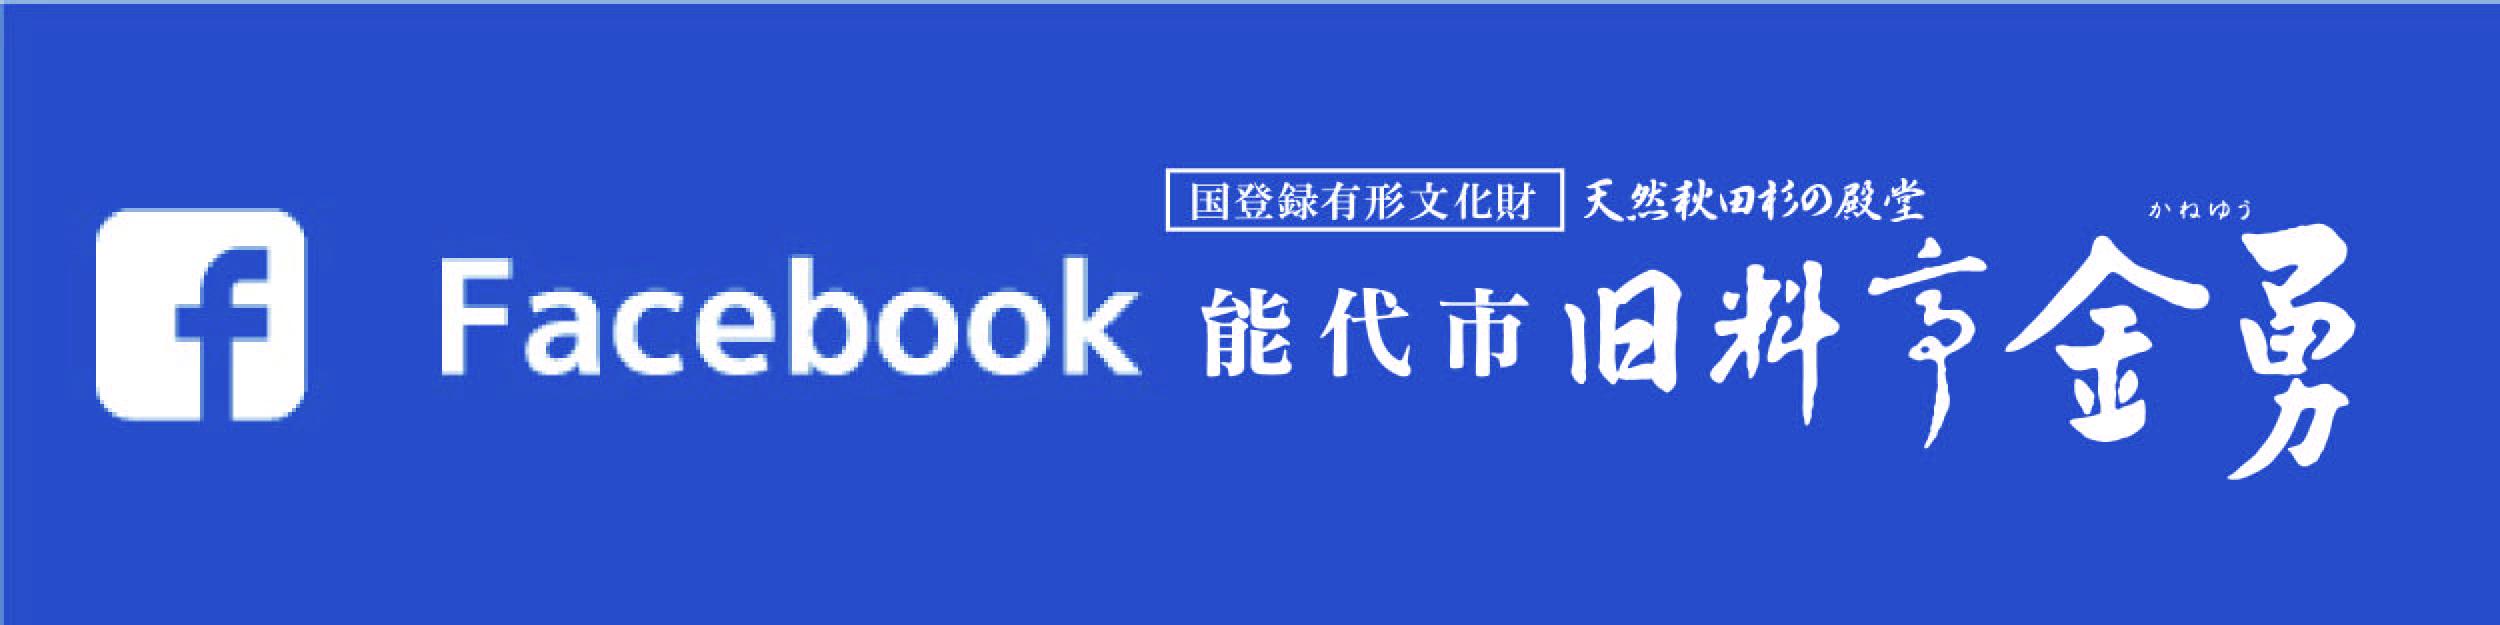 秋田県 国登録有形文化財 能代市旧料亭金勇 facebook ページ